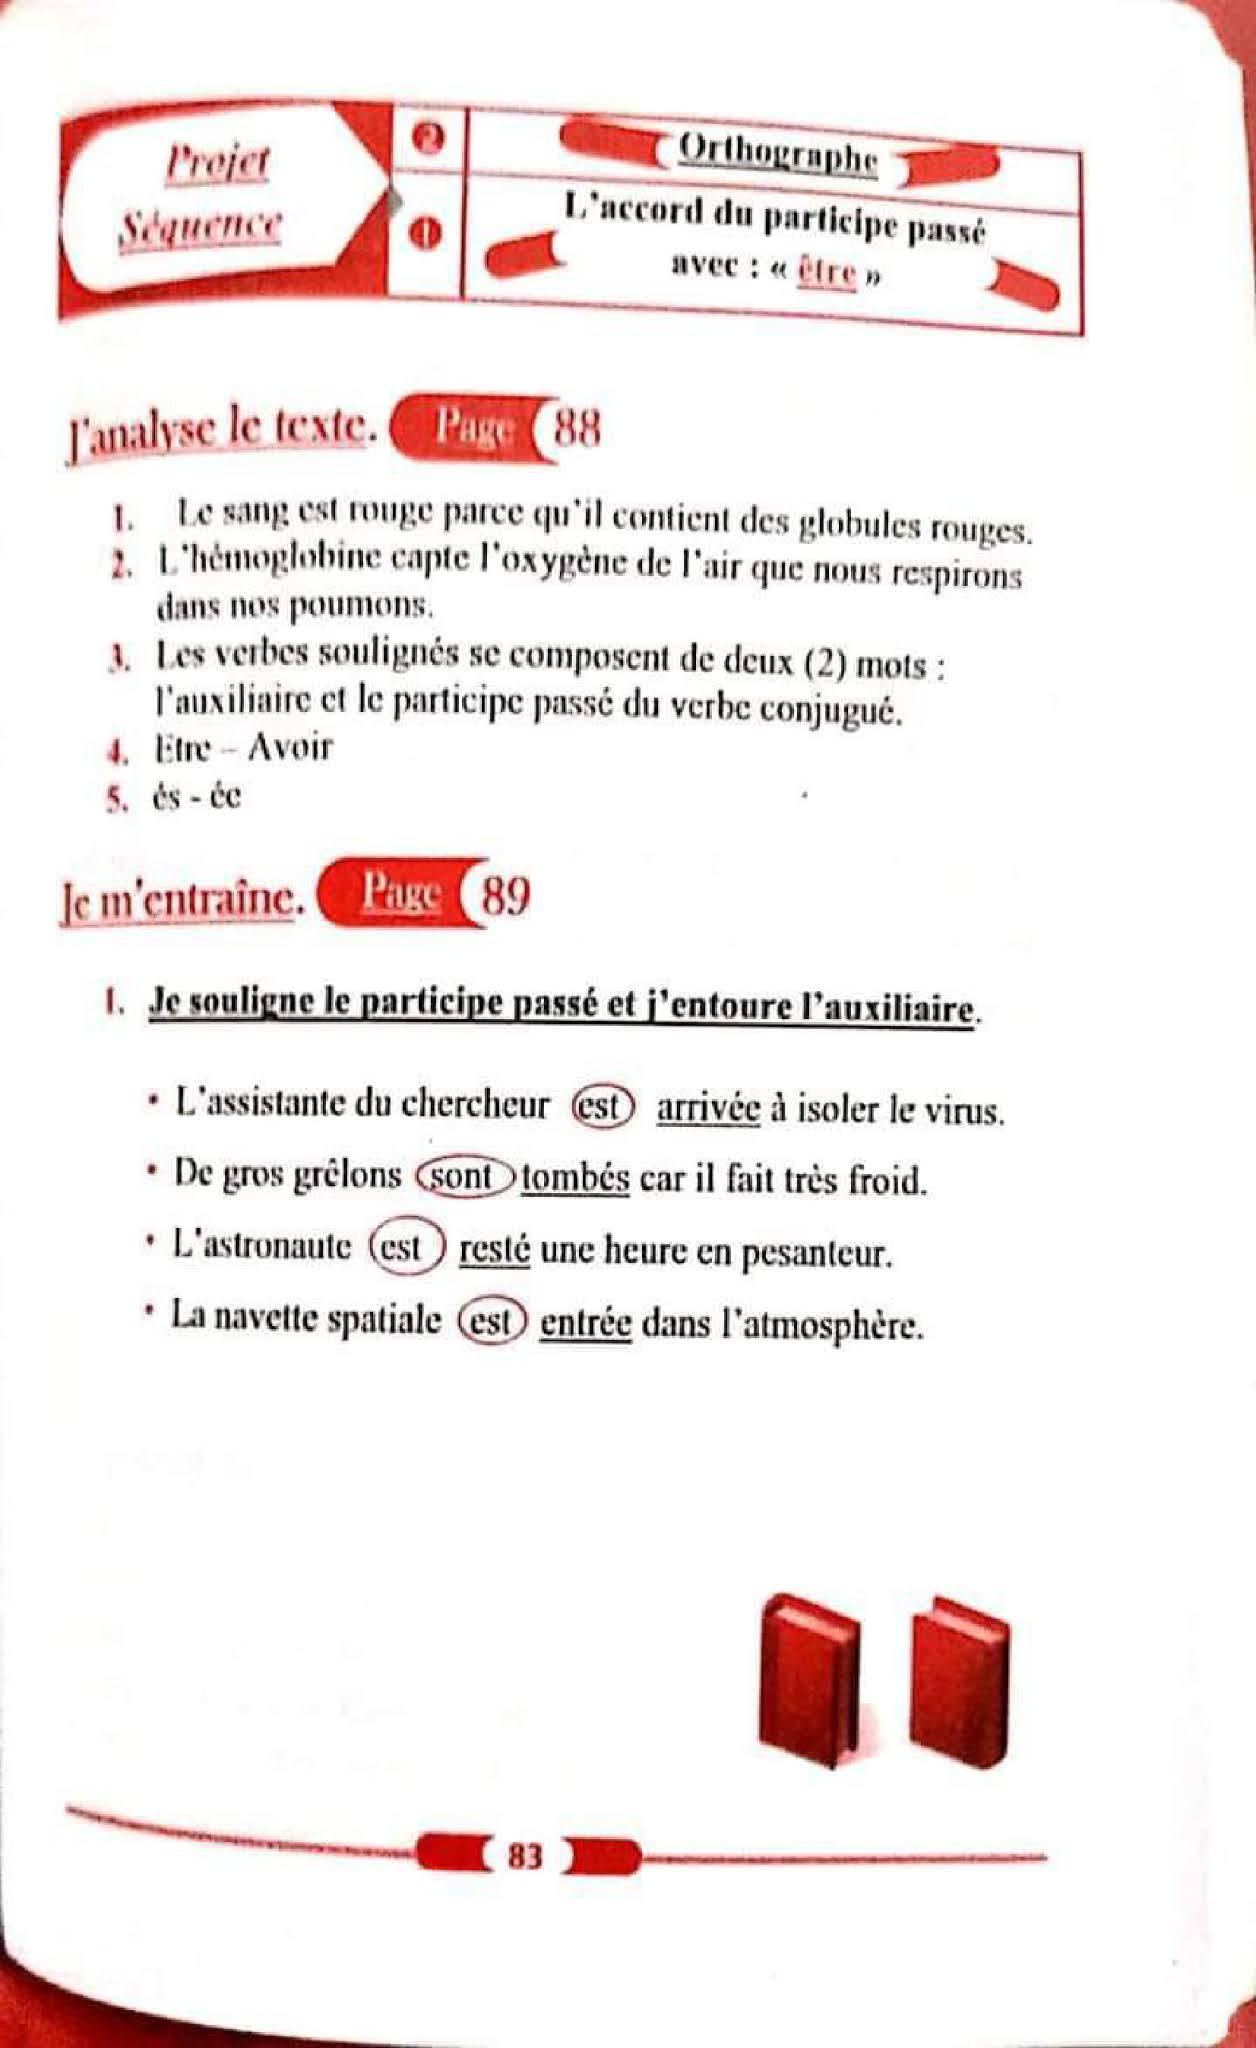 حل تمارين صفحة 89 الفرنسية للسنة الأولى متوسط الجيل الثاني